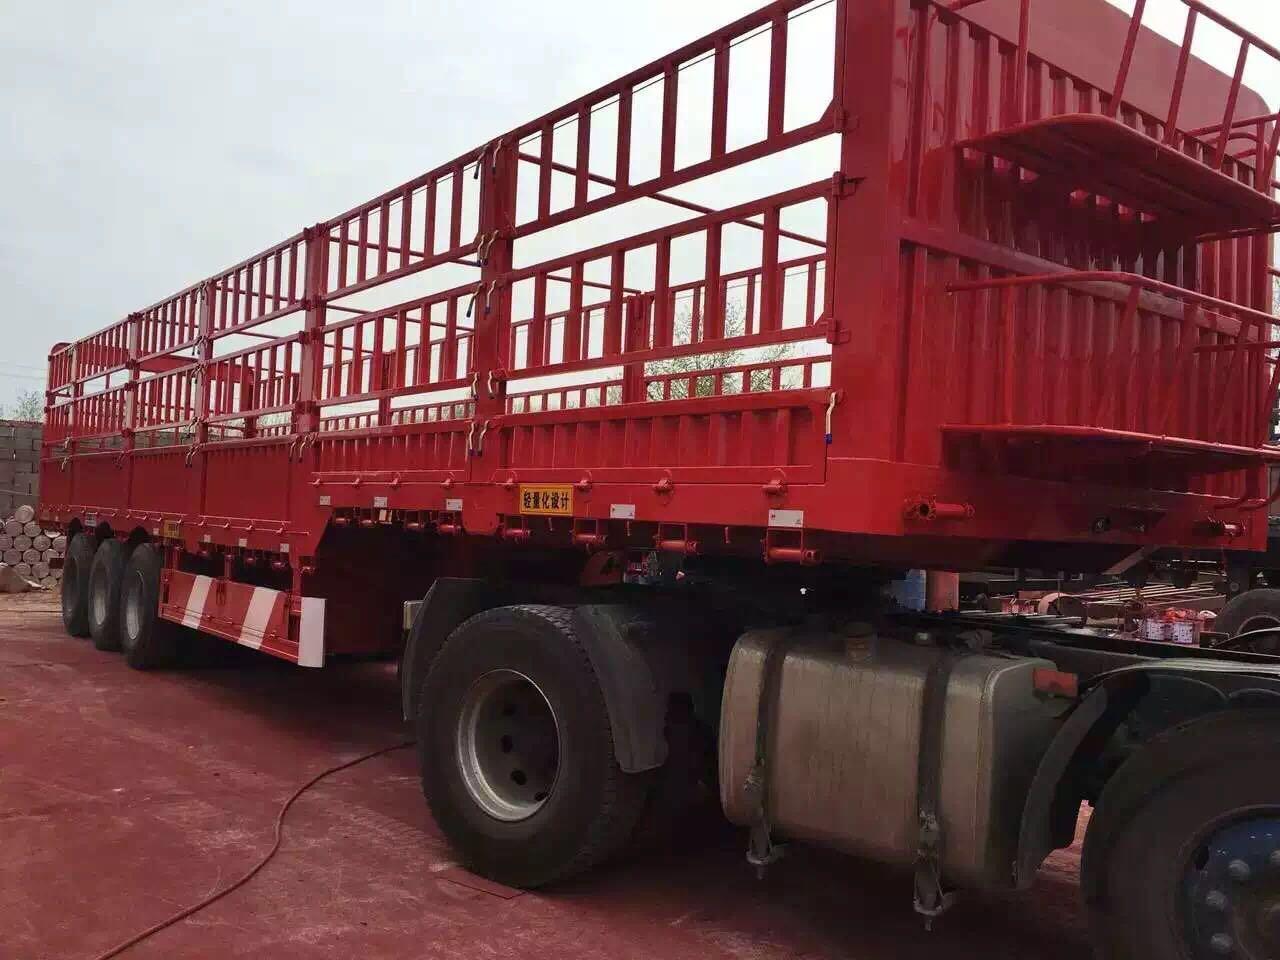 黑龙江全新仓栏半挂车订做-梁山龙宇货运服务提供专业的仓栏半挂车